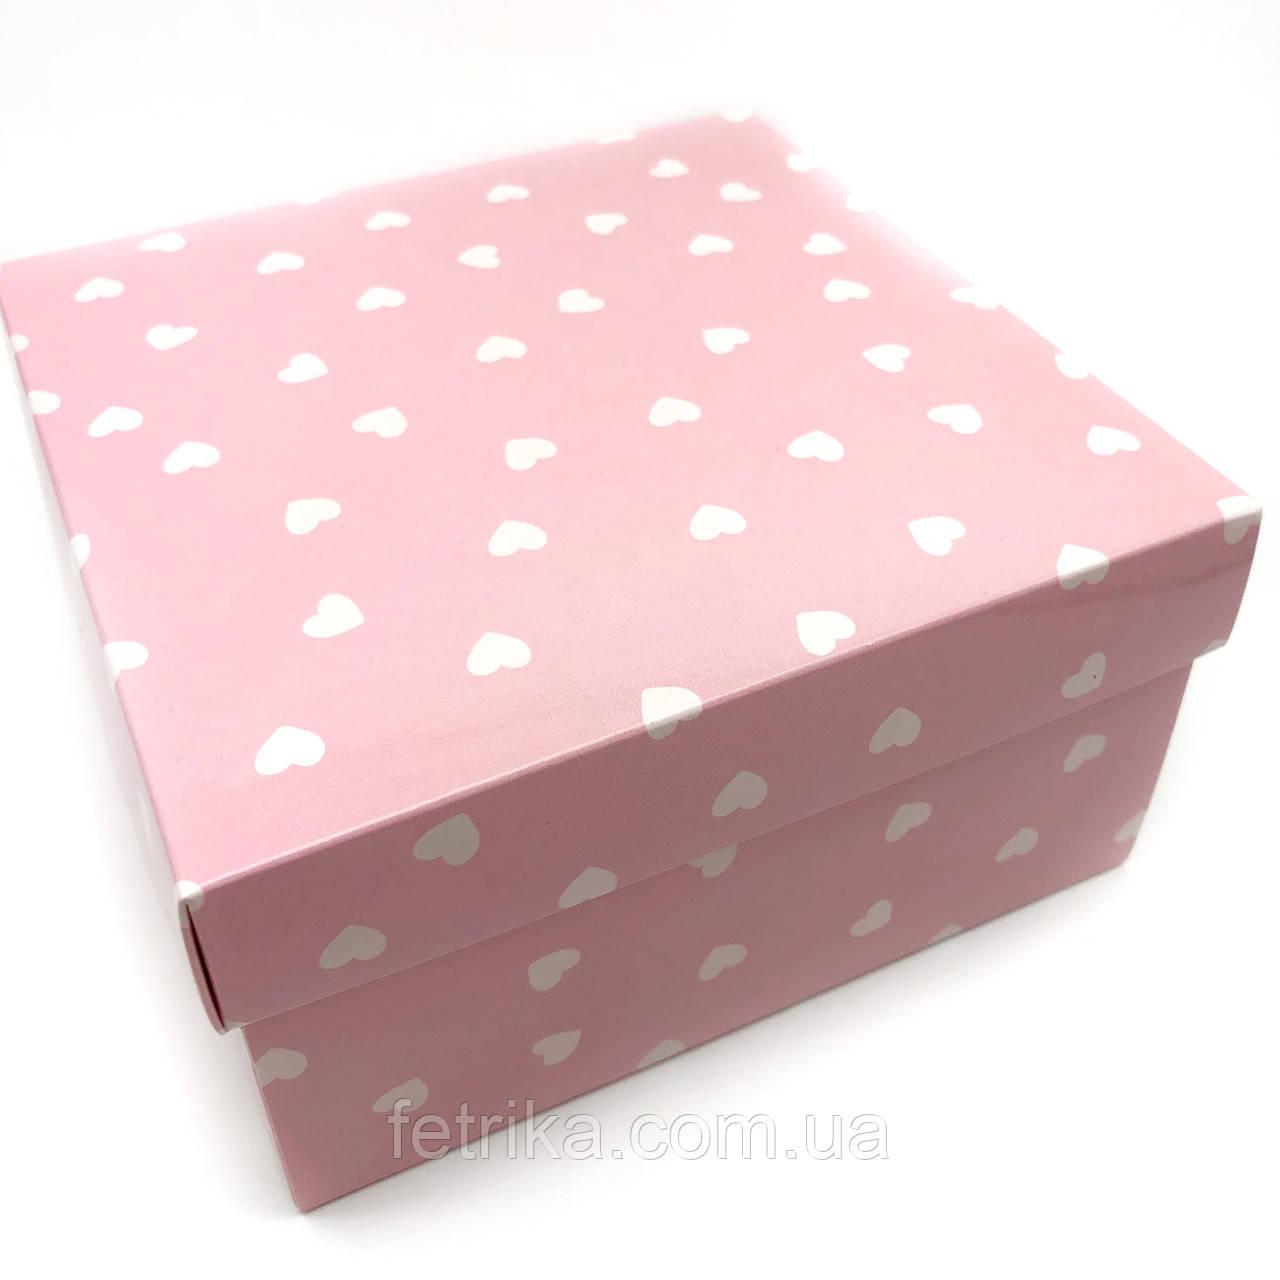 Коробка подарочная розовая глянцевая, 140*140*70 мм